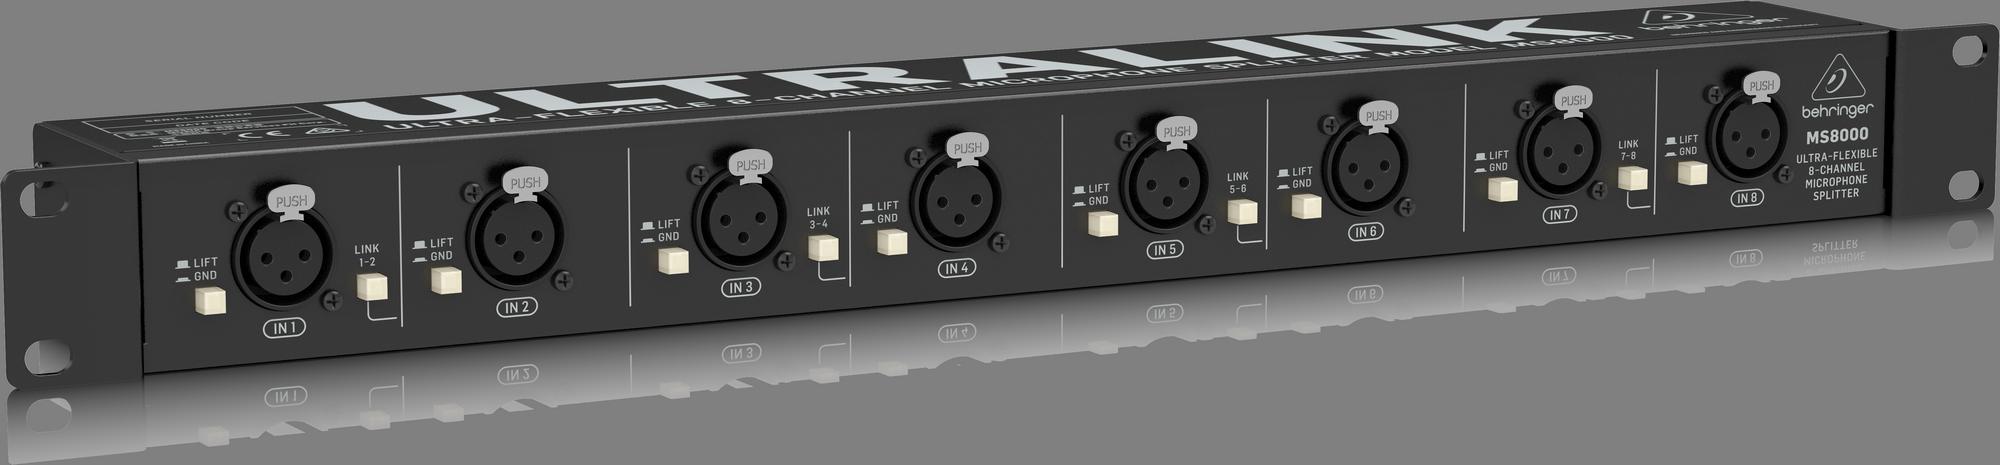 BEHRINGER MS 8000 ULTRALINK splitter mikrofonowy